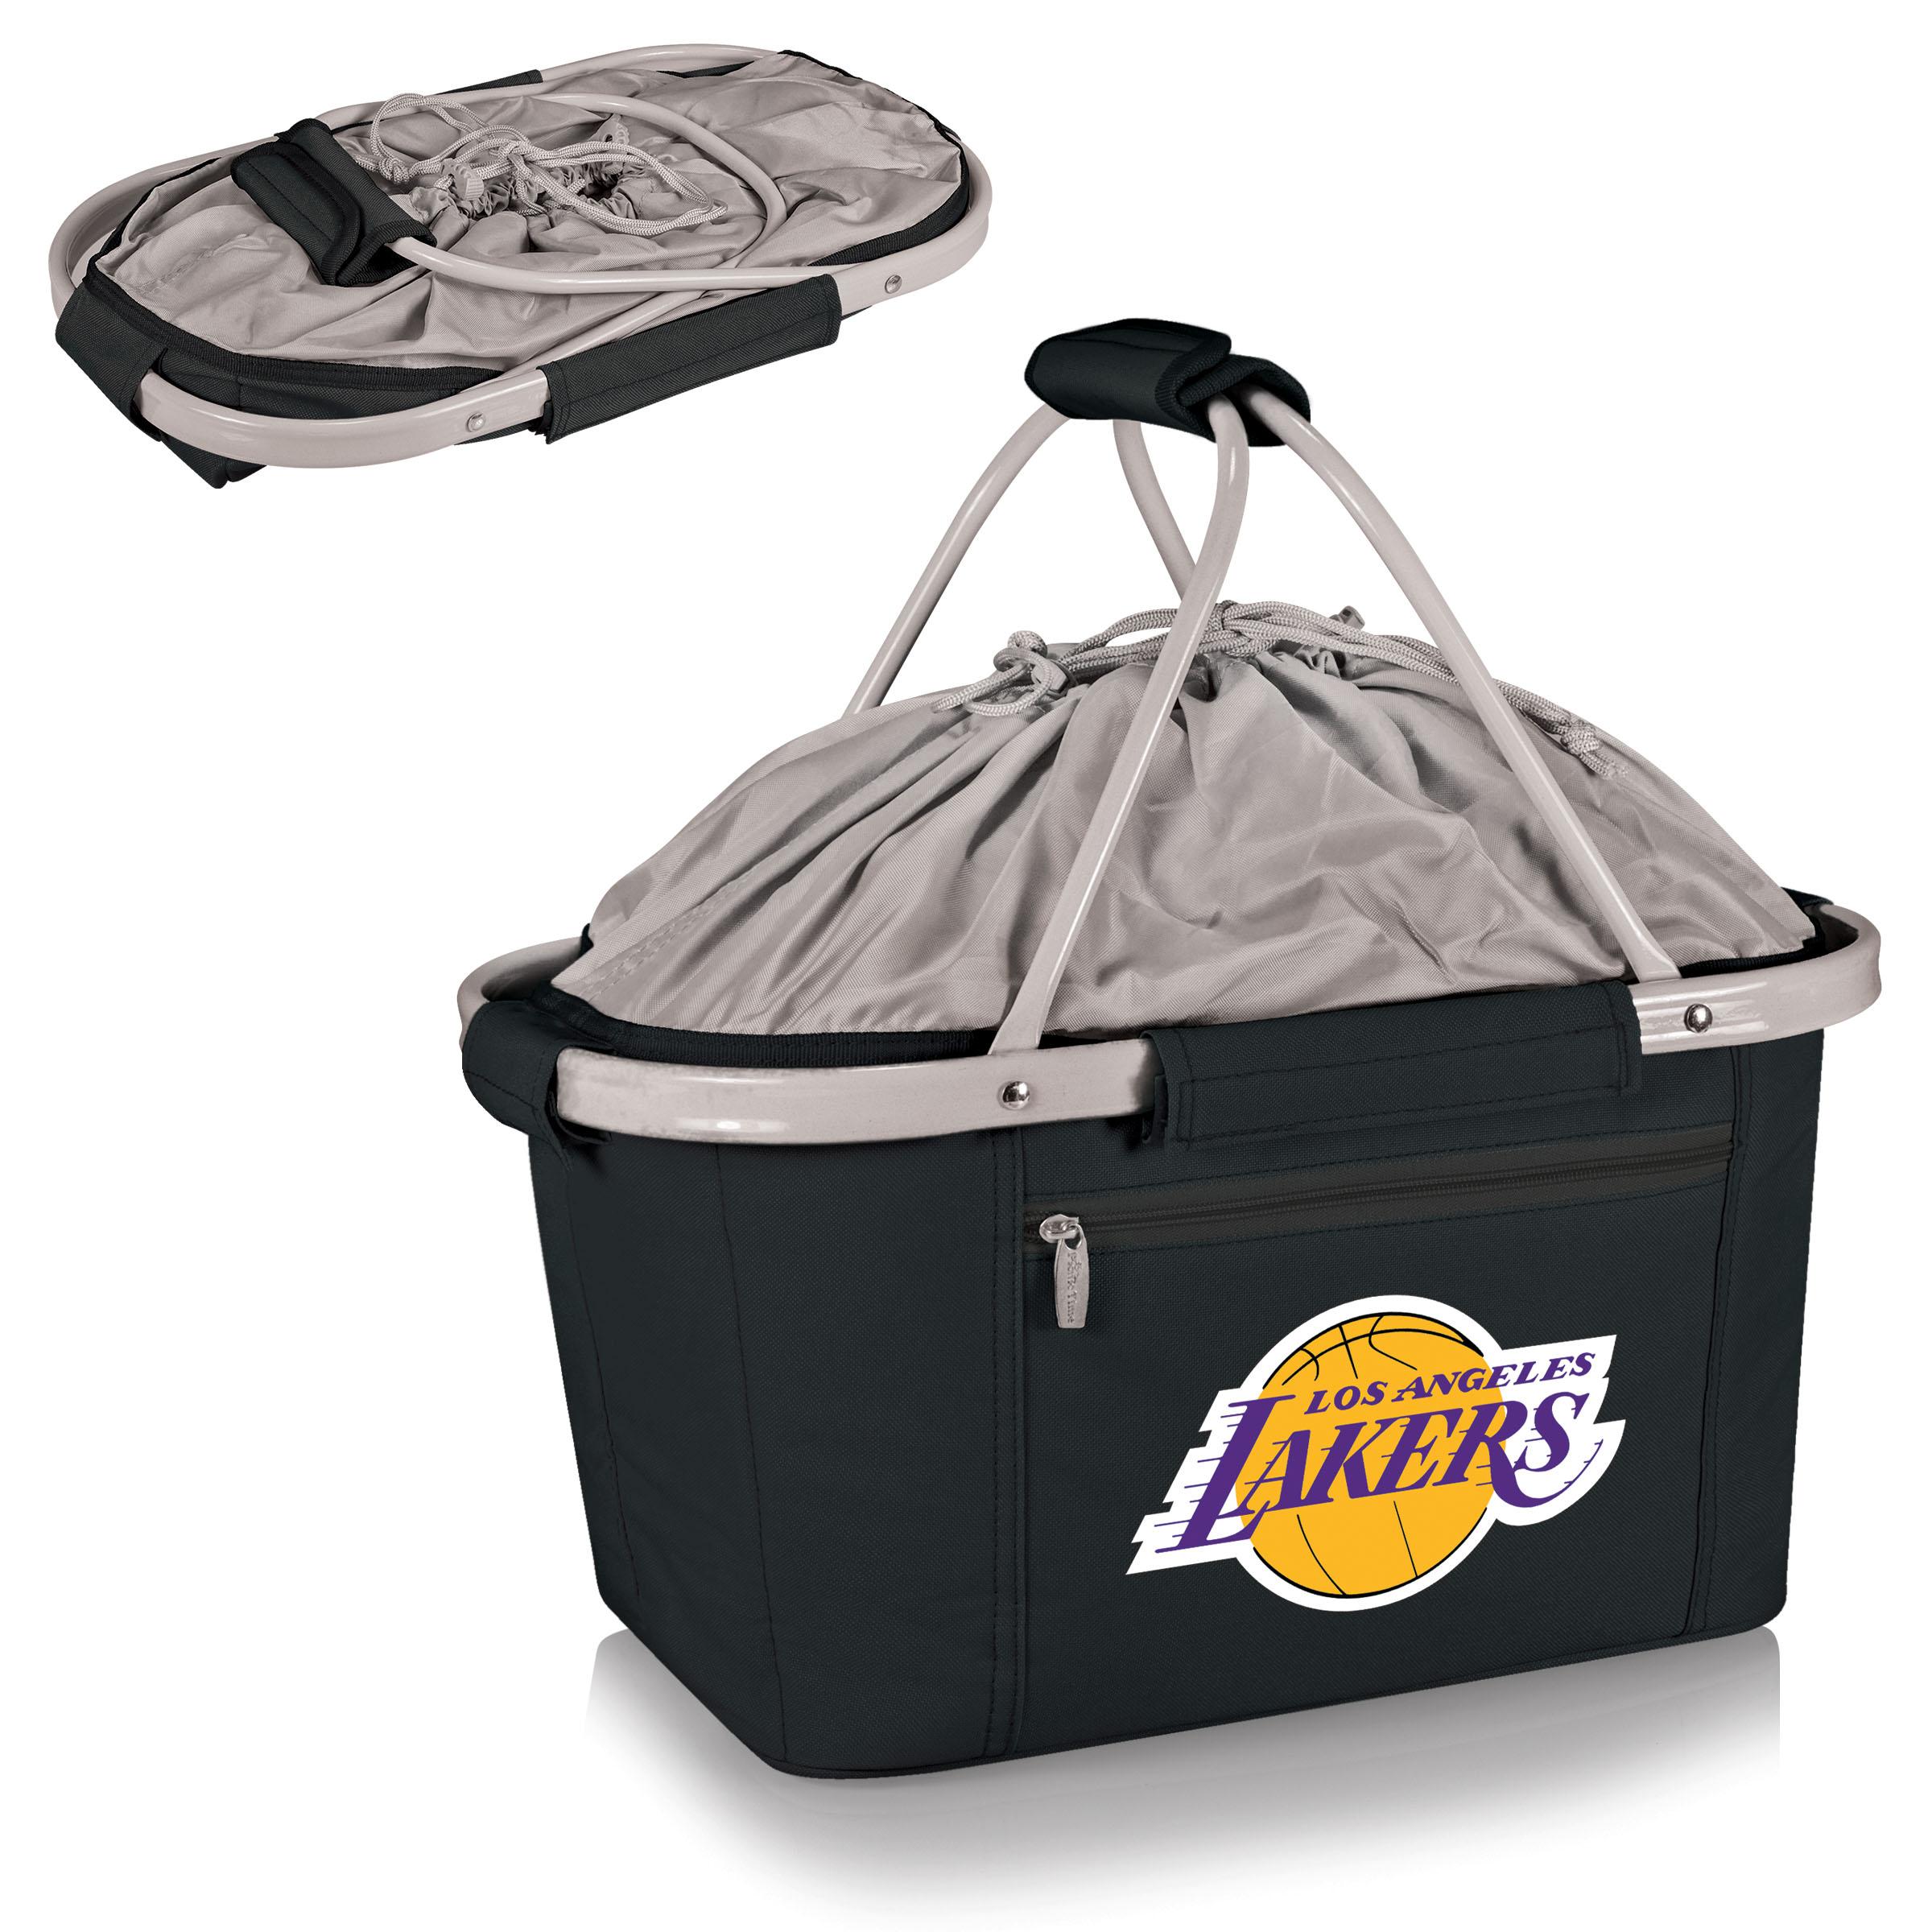 Metro Basket Cooler Tote - Black (Los Angeles Lakers) Digital Print